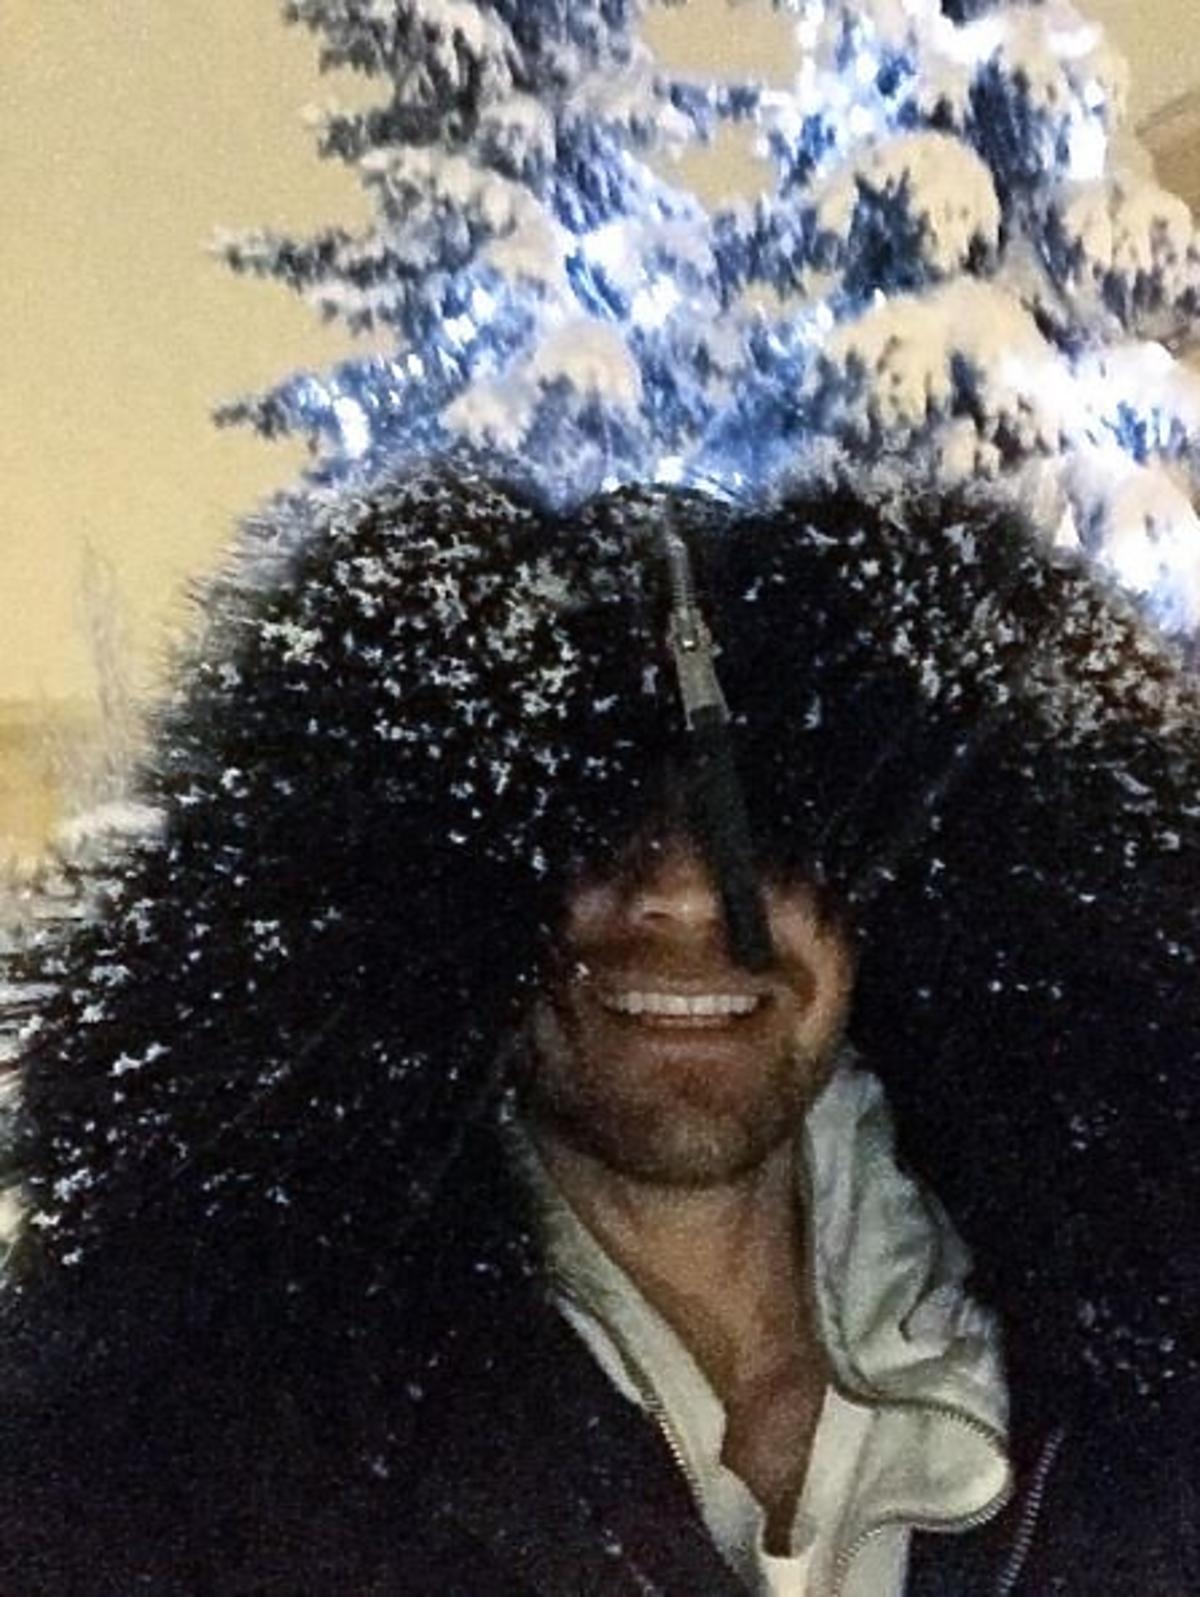 Dawid Woliński cieszy się że spadł śnieg